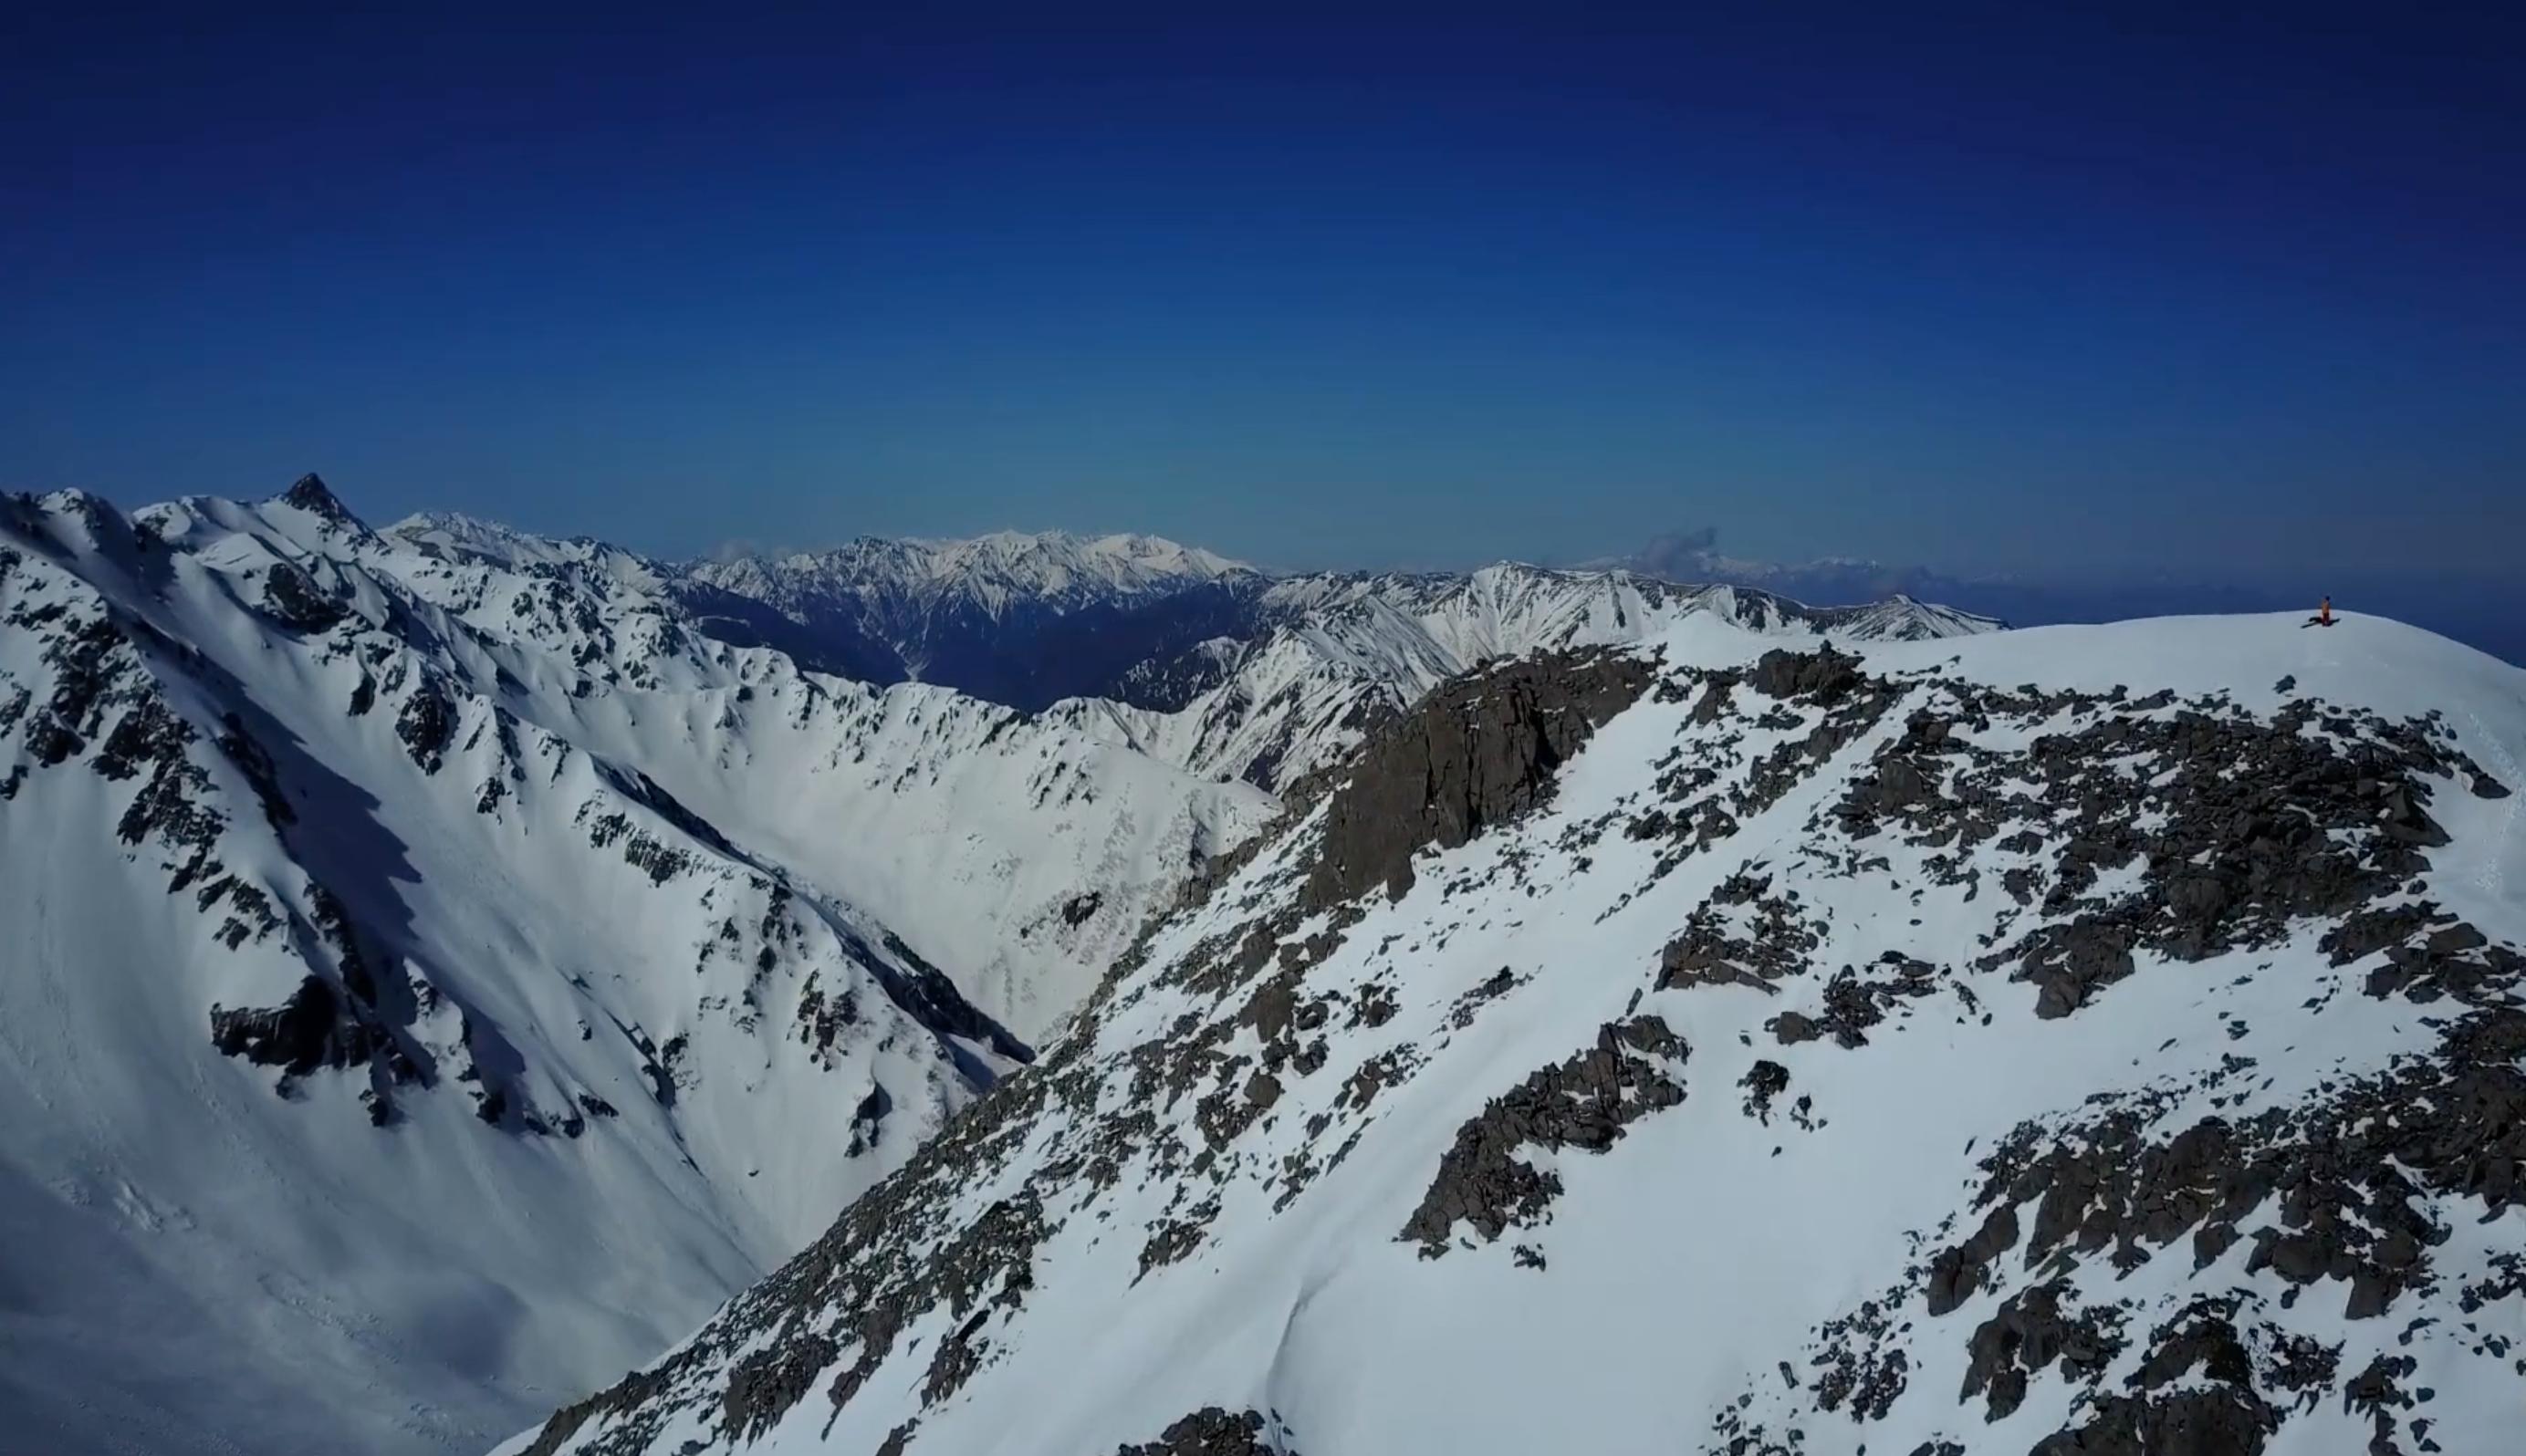 アルプス空撮|穂高岳をMavic PROでドローン空撮した動画集